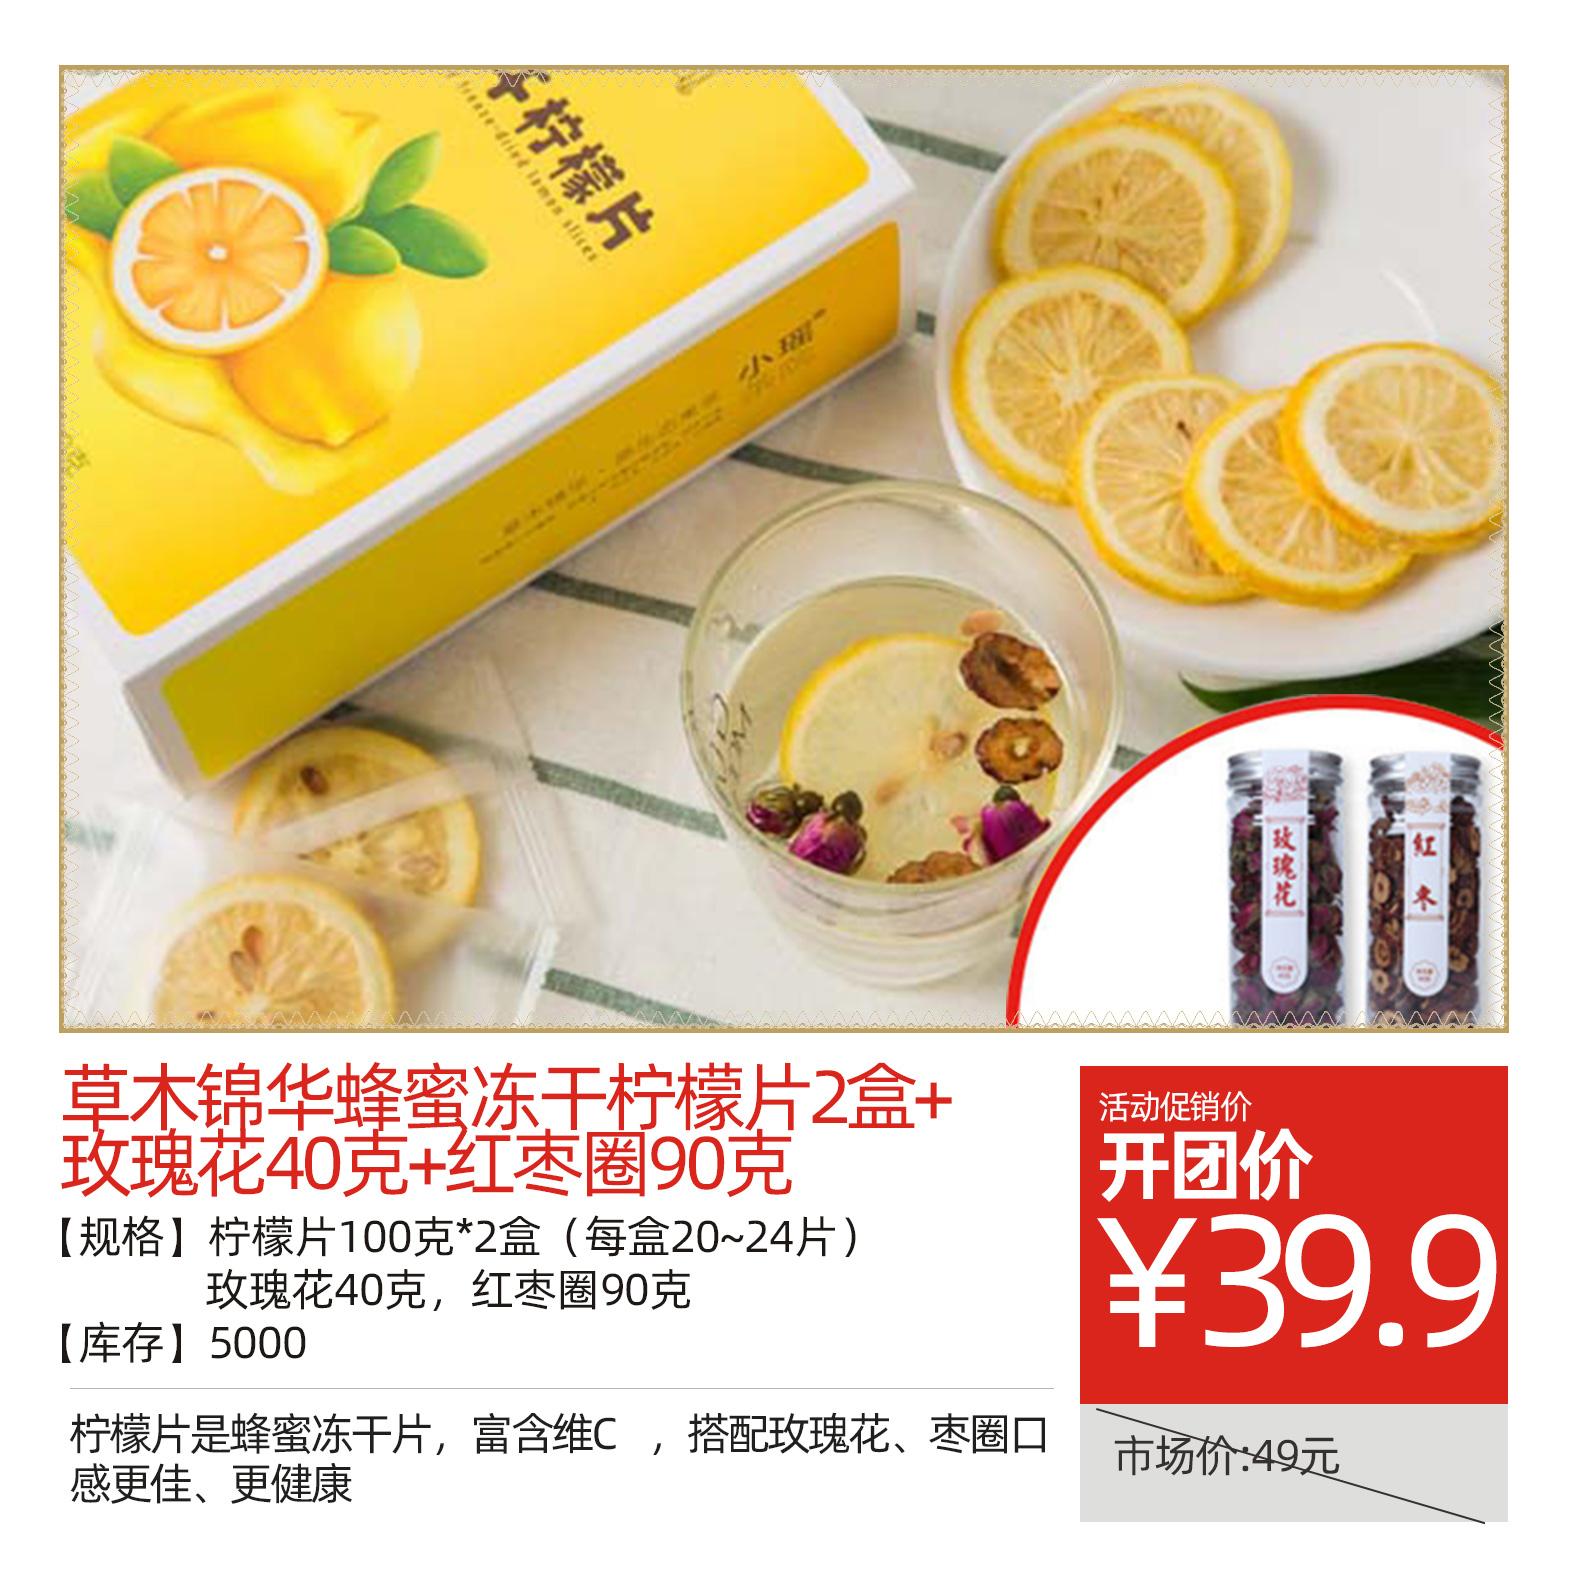 草木锦华蜂蜜冻干柠檬片2盒+玫瑰花40克+红枣圈90克